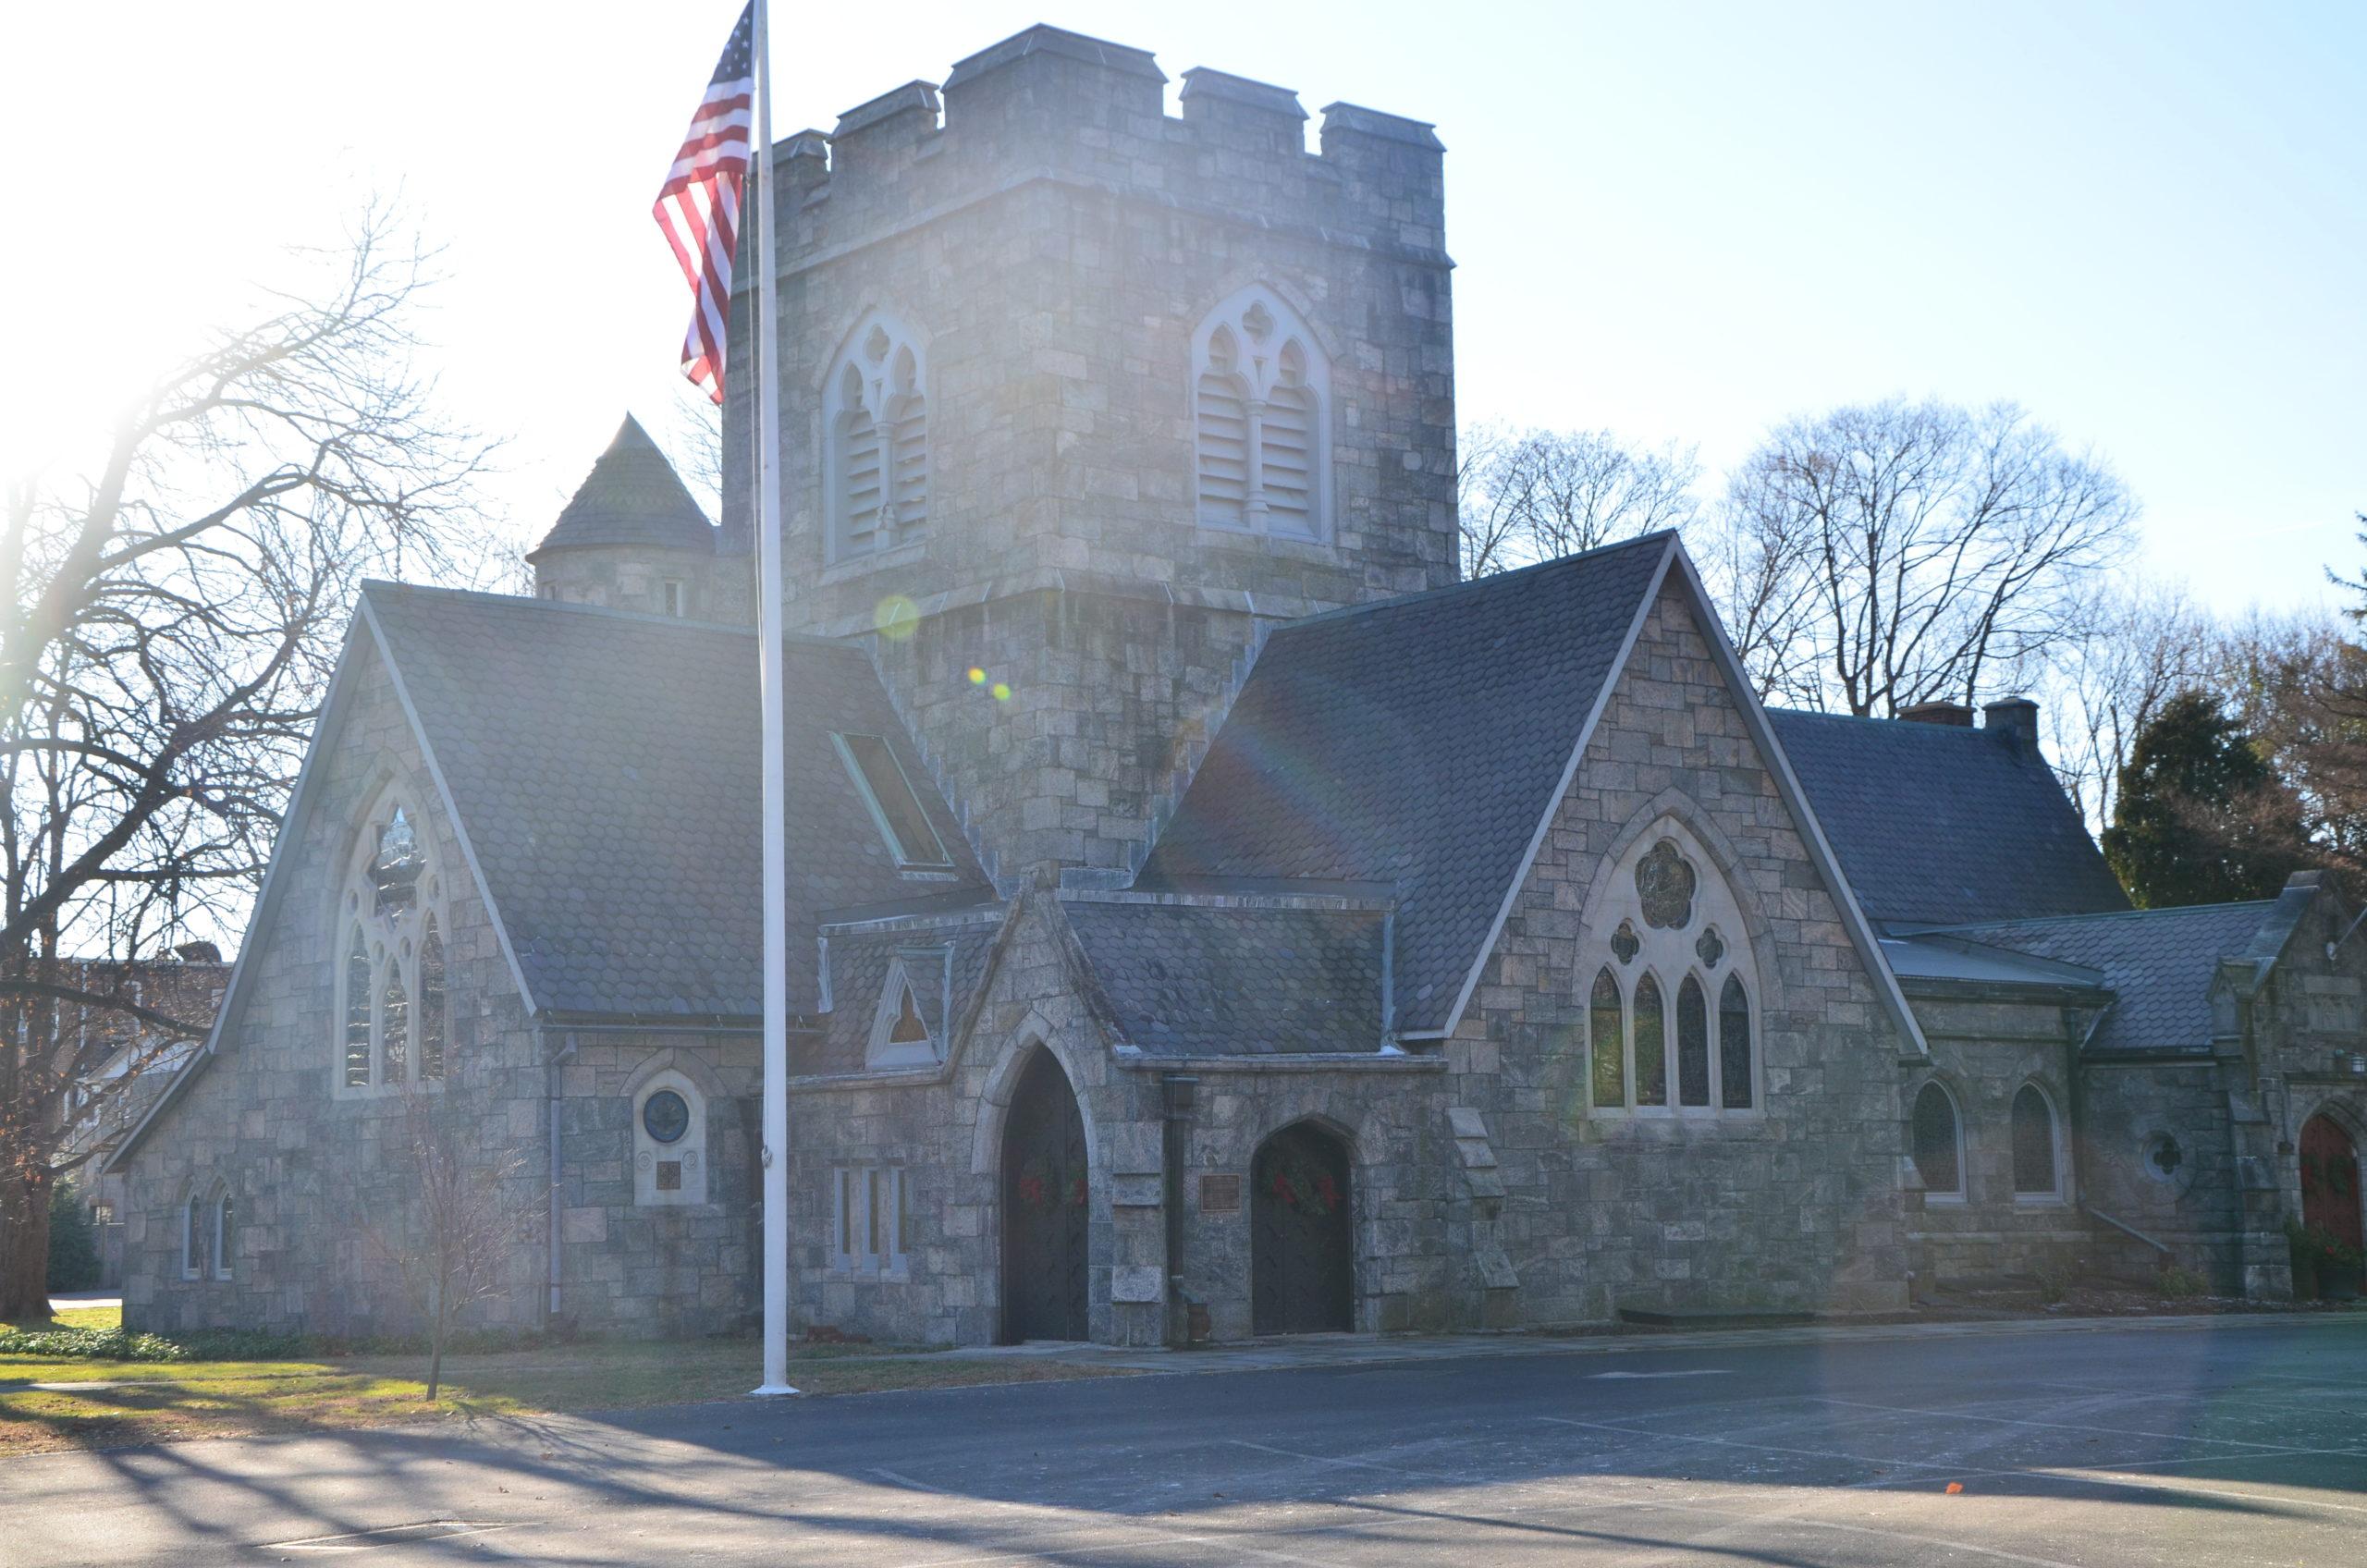 Les églises de Tarrytown, ville du comté de Westchester, dans l'État de New York, aux États-Unis.